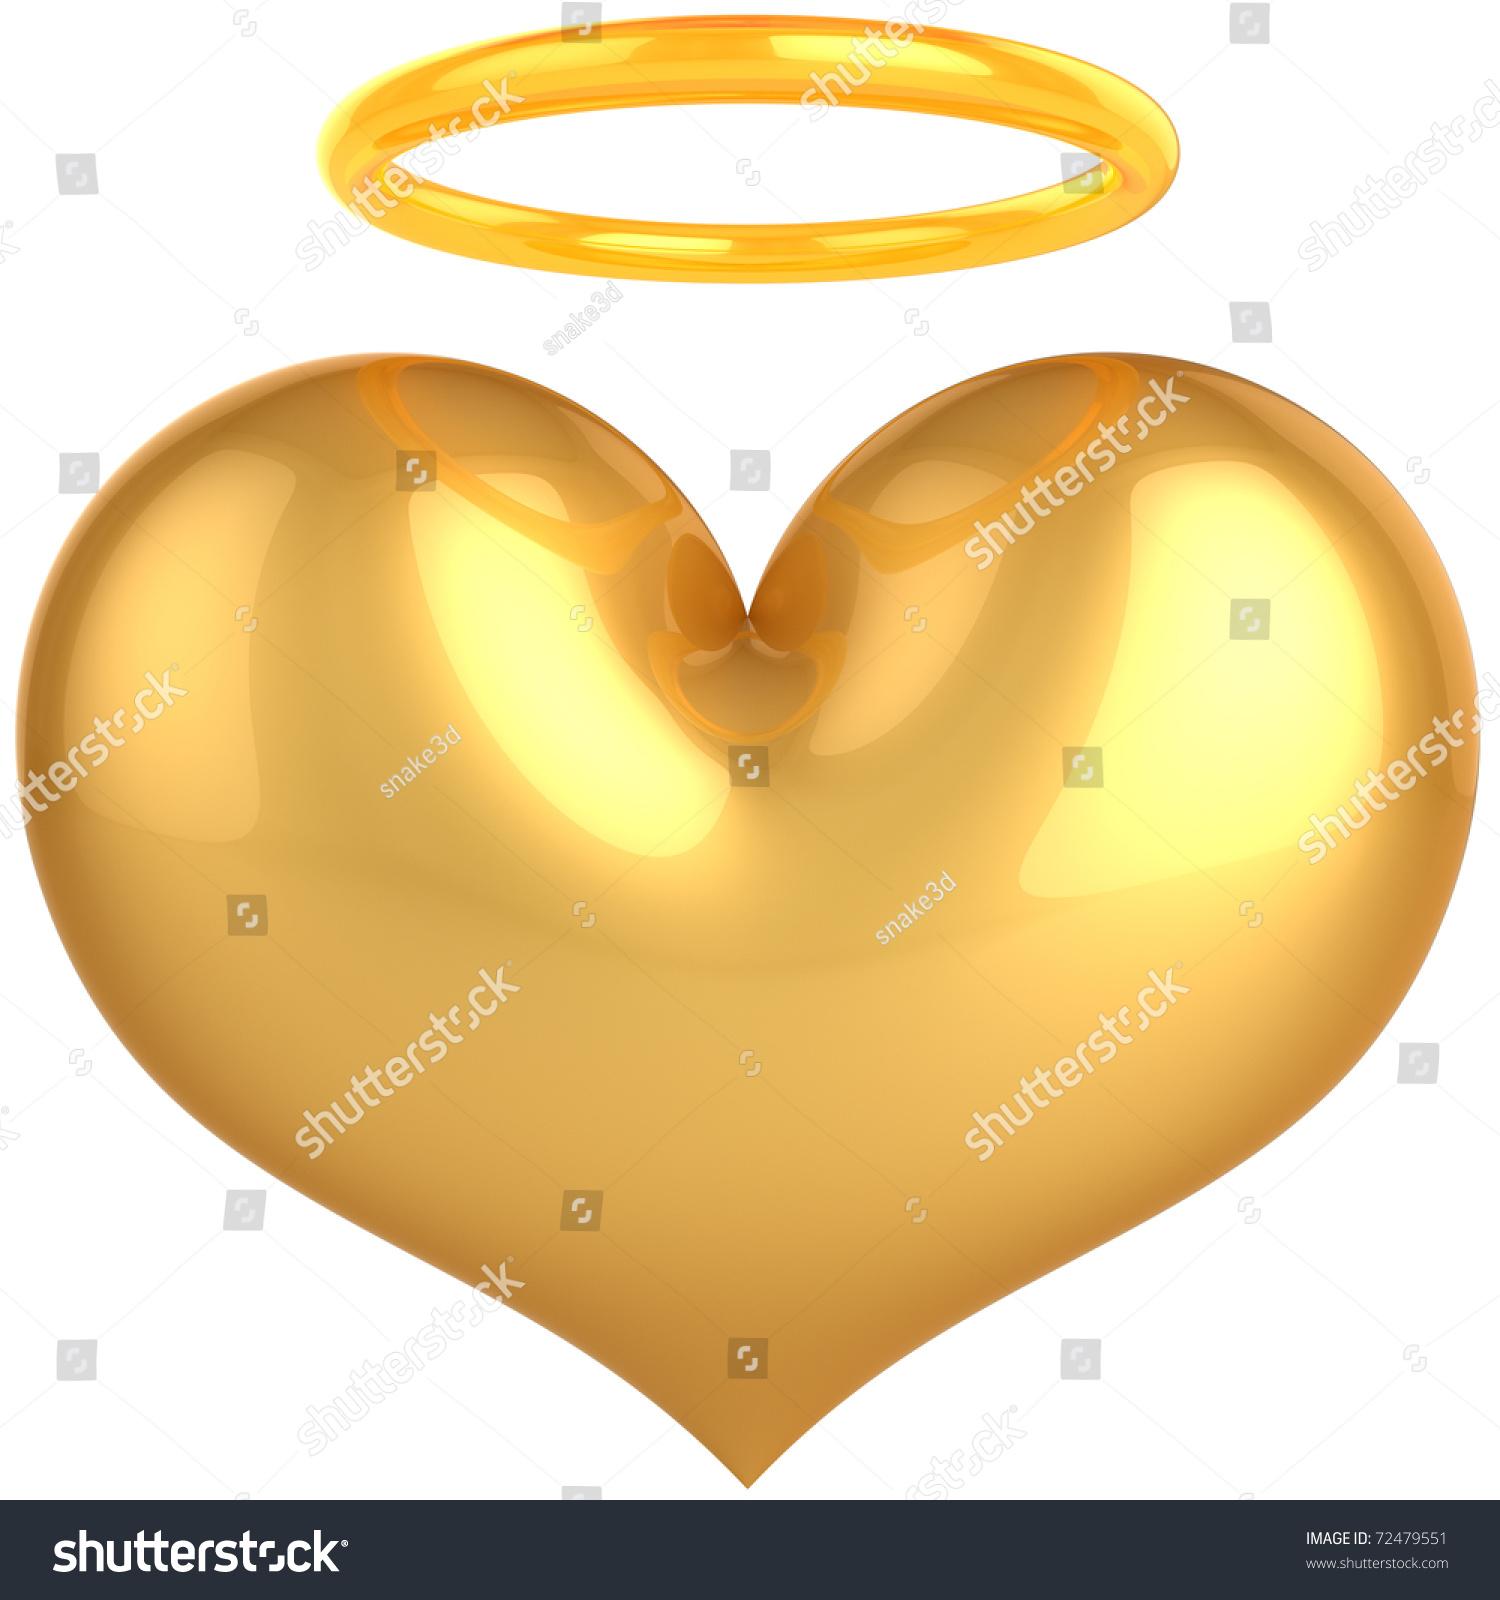 Heart Love Angel Golden Symbol Love Stock Illustration 72479551 Shutterstock